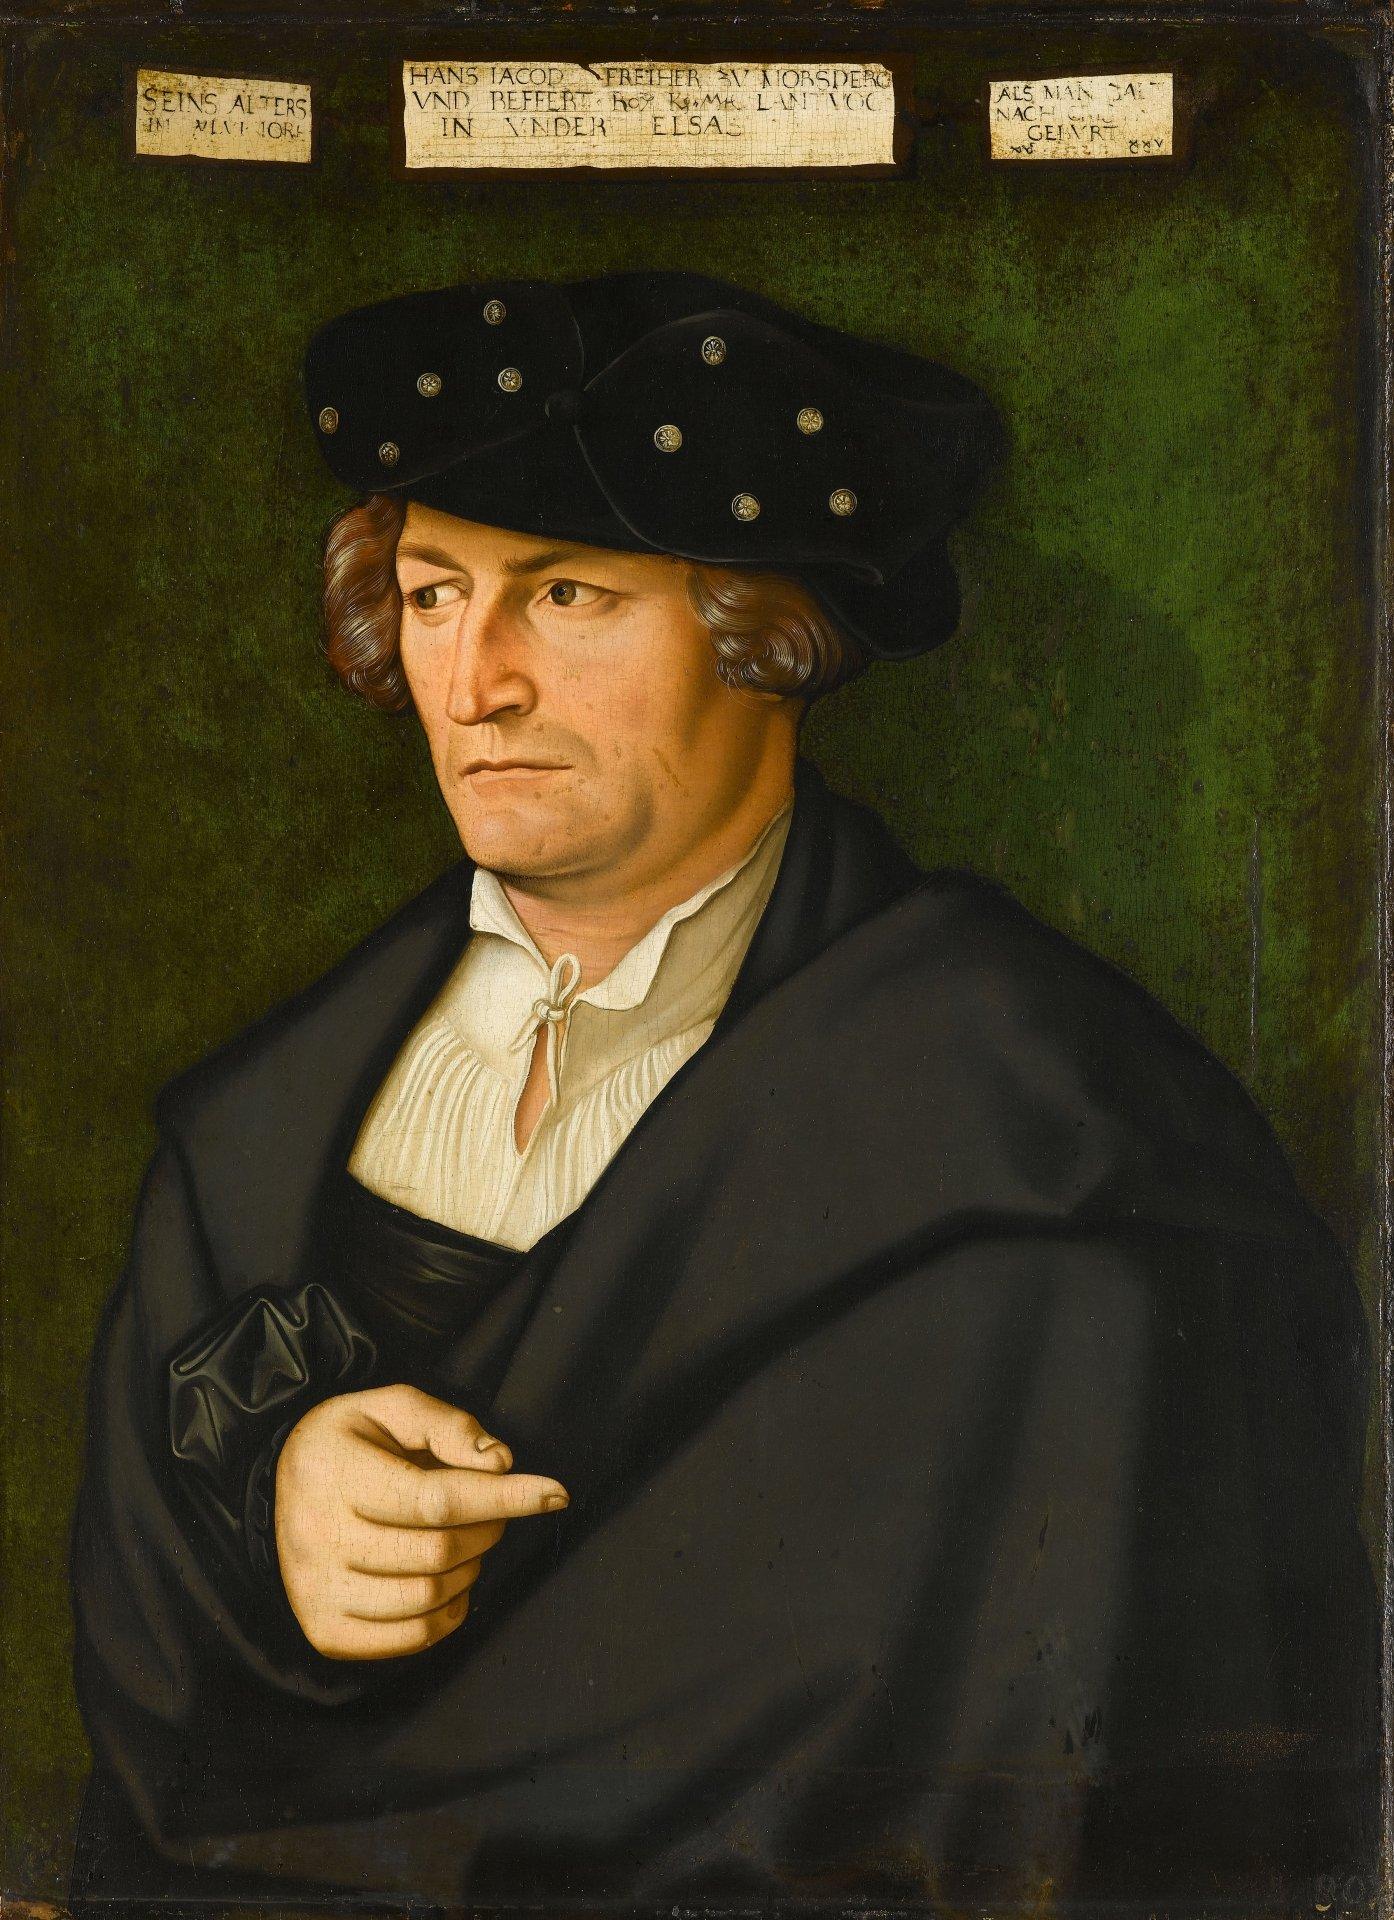 Abbildung des Werks Bildnis des Freiherrn Hans Jakob zu Mörsberg und Beffert des Renaissance-Künstlers Hans Baldung Grien aus dem Jahr 1525